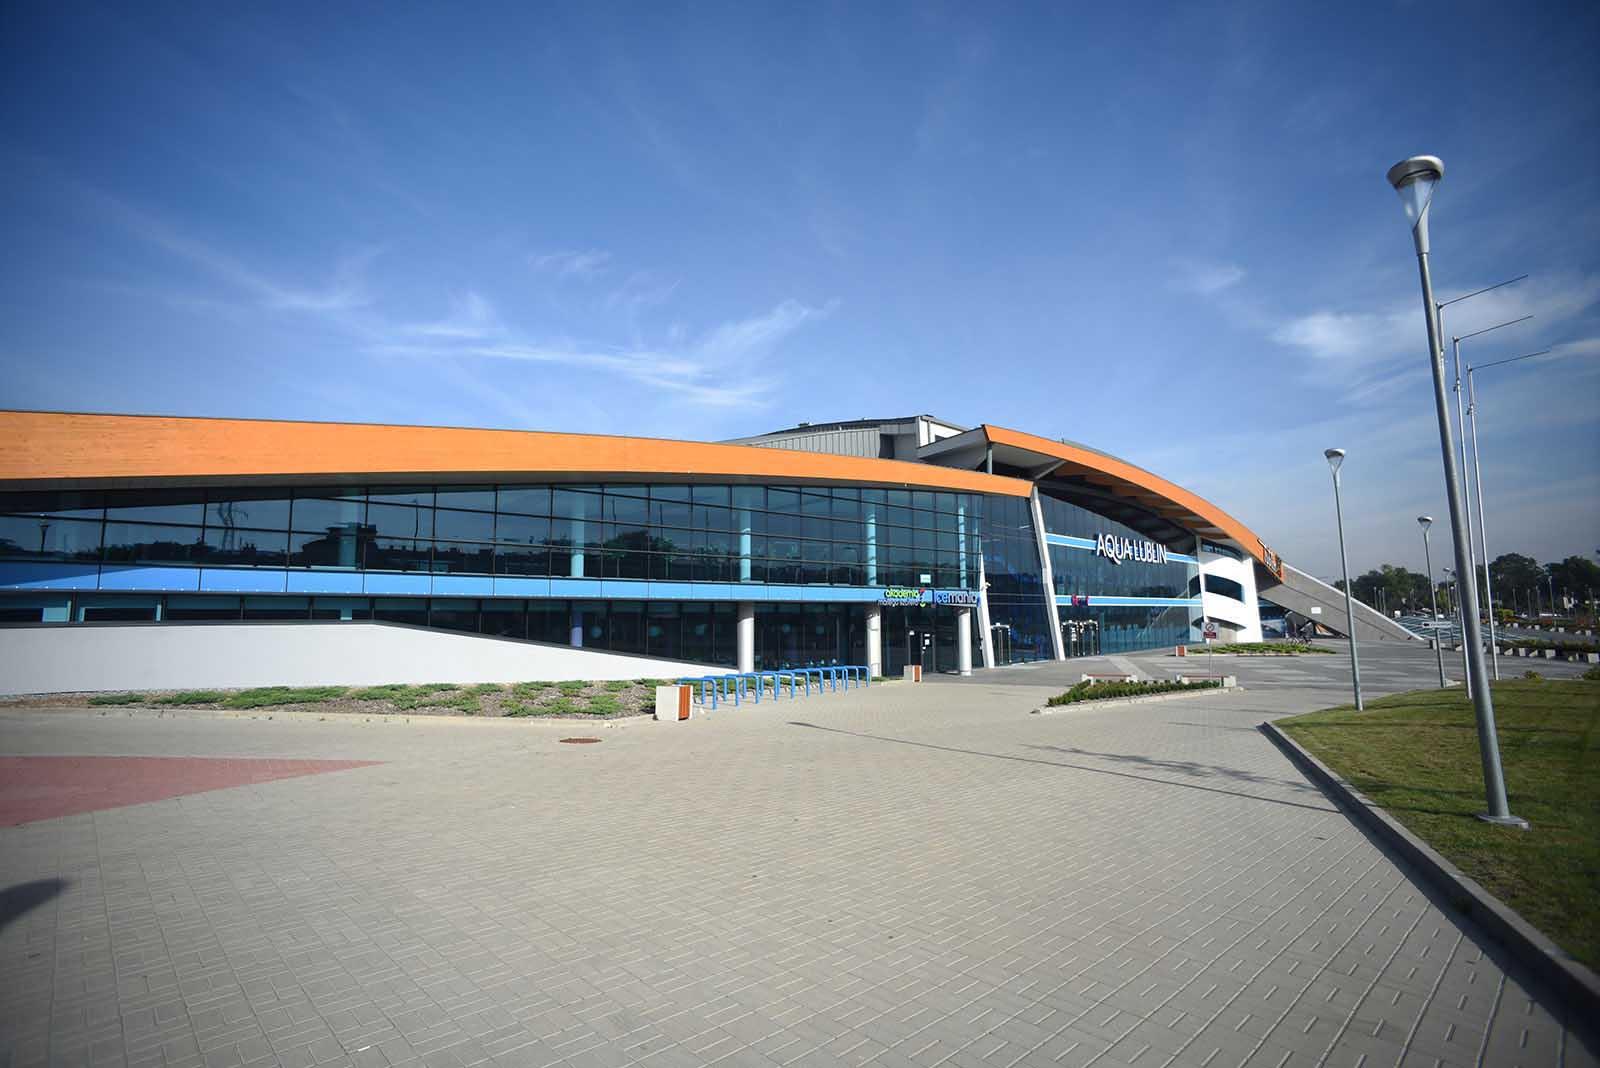 Basen olimpijski  Aqua Lublin (3).JPG